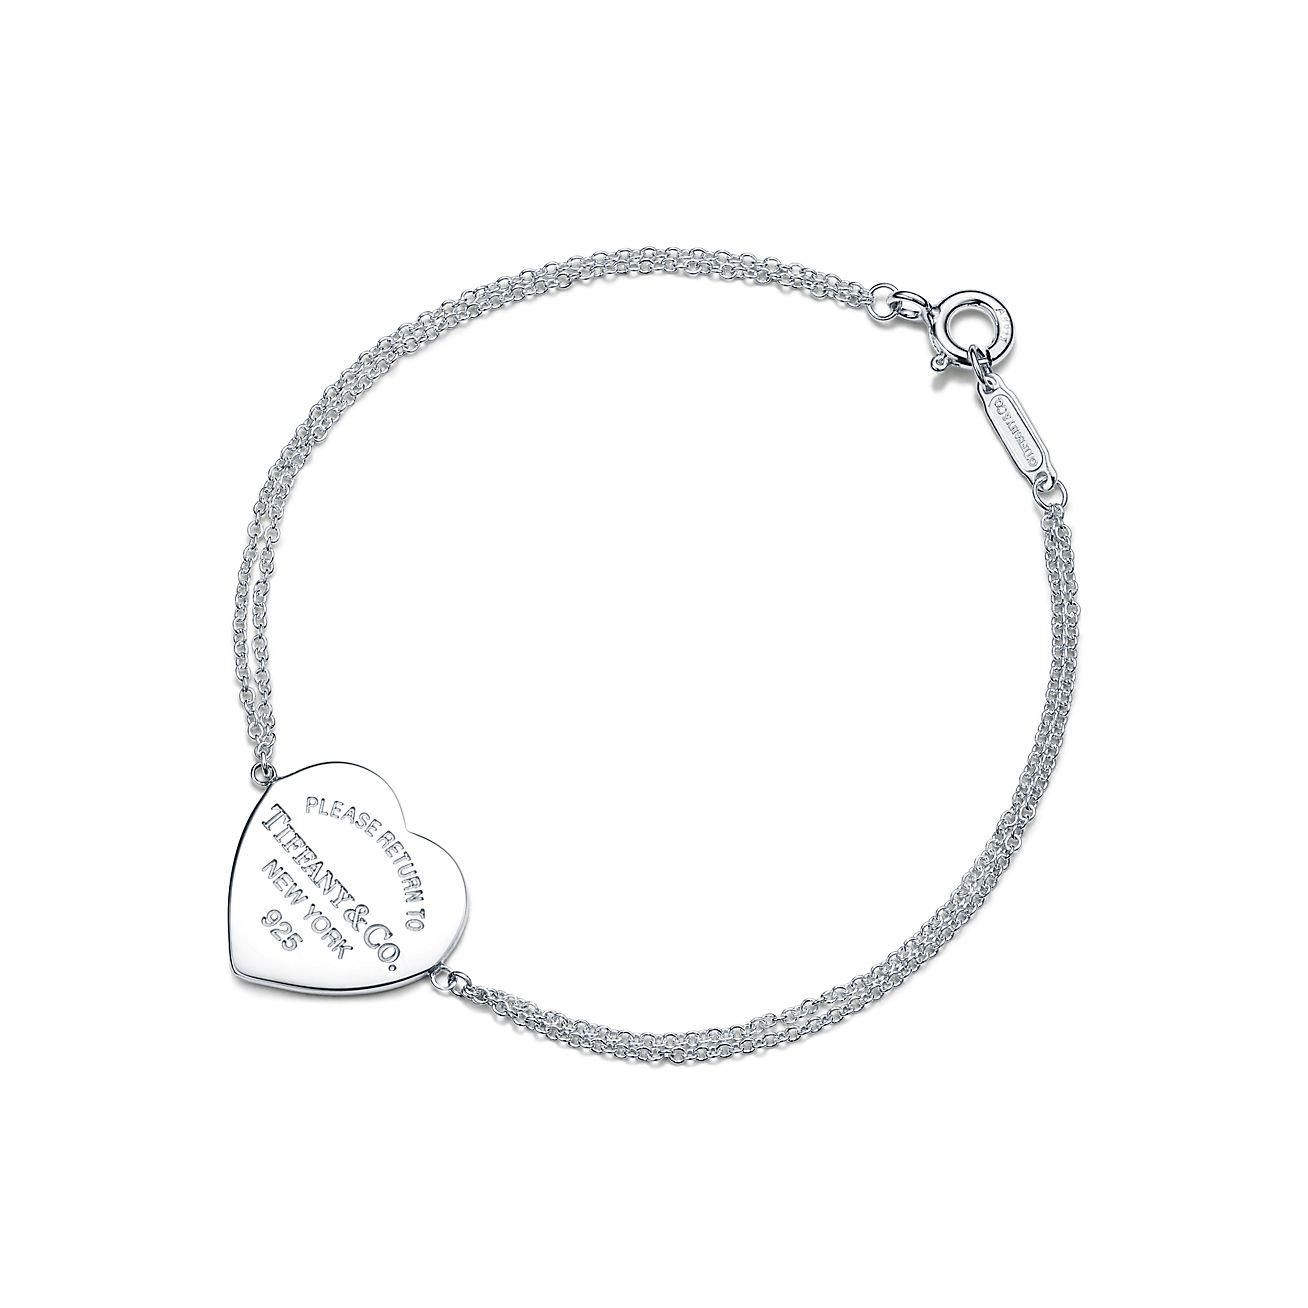 Sterling Silver Heart Charm Bracelet Deliacte silver Jewellery Bracelet